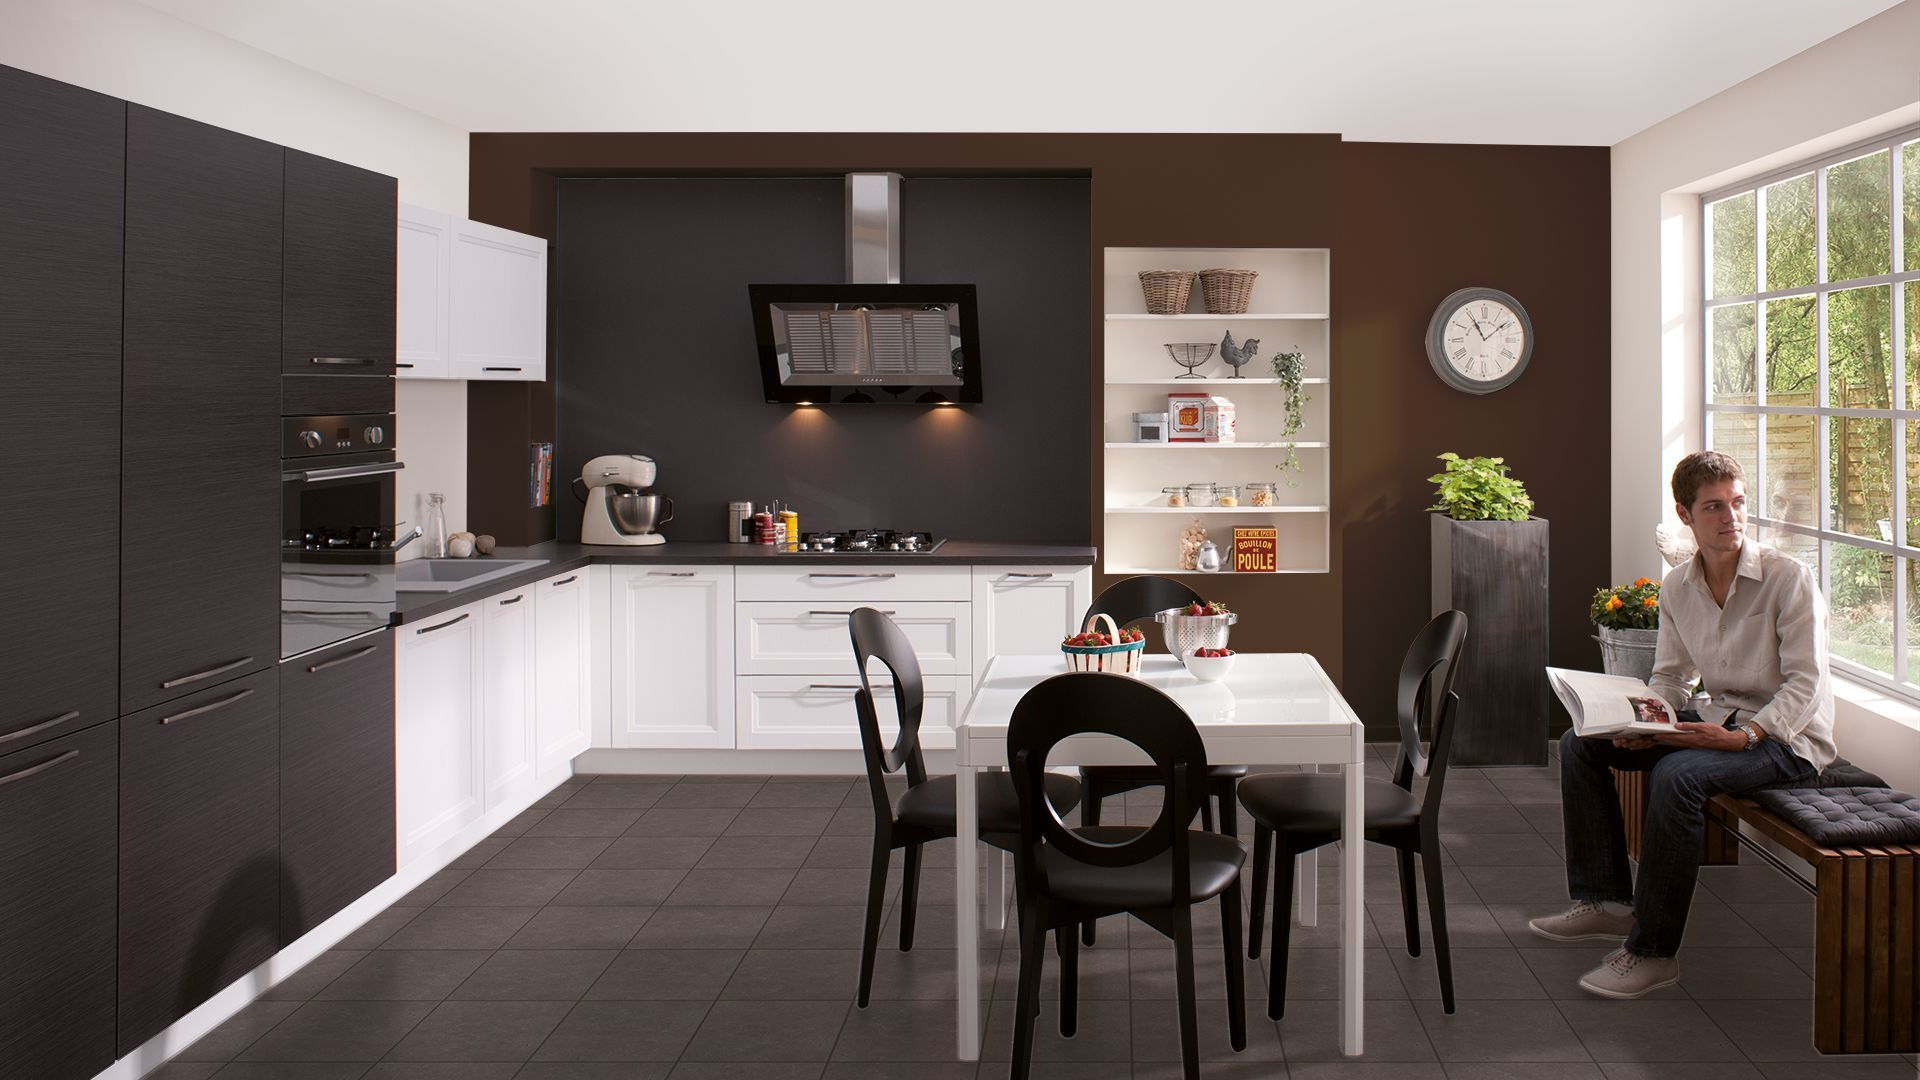 Cuisine noir blanc mur chocolat home more pinterest - Cuisine couleur vanille ...